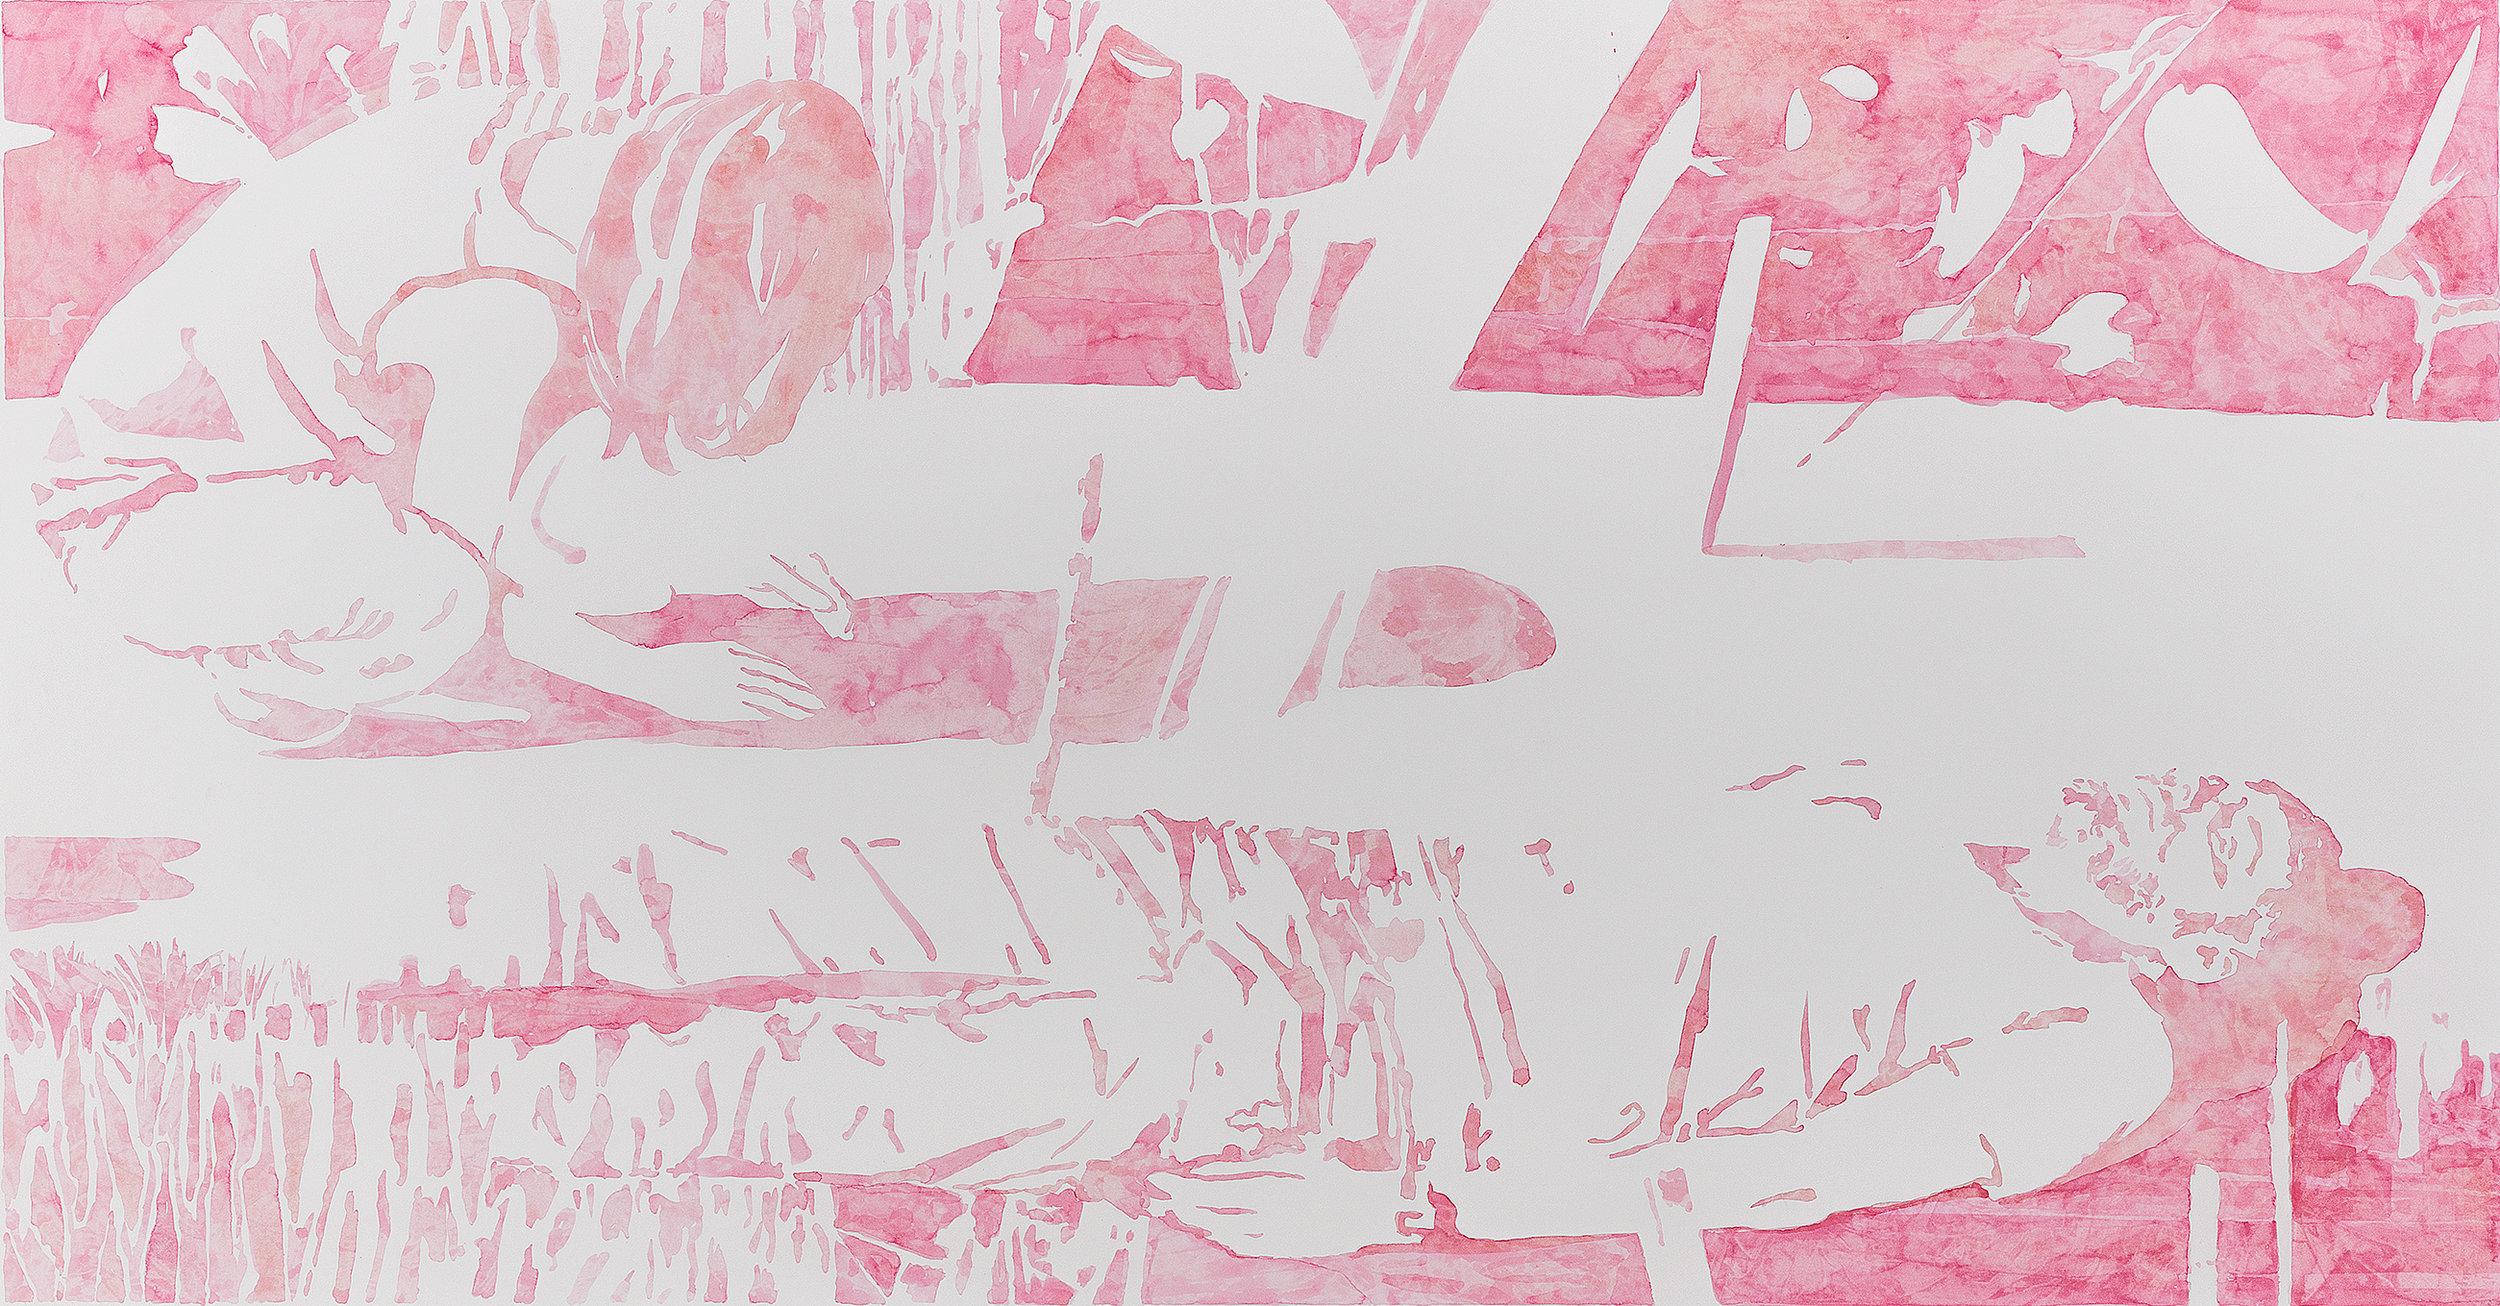 """Michael Rampa, """"Dust"""", aquarelle sur papier, 94,2 x 173,2 cm, 2017."""